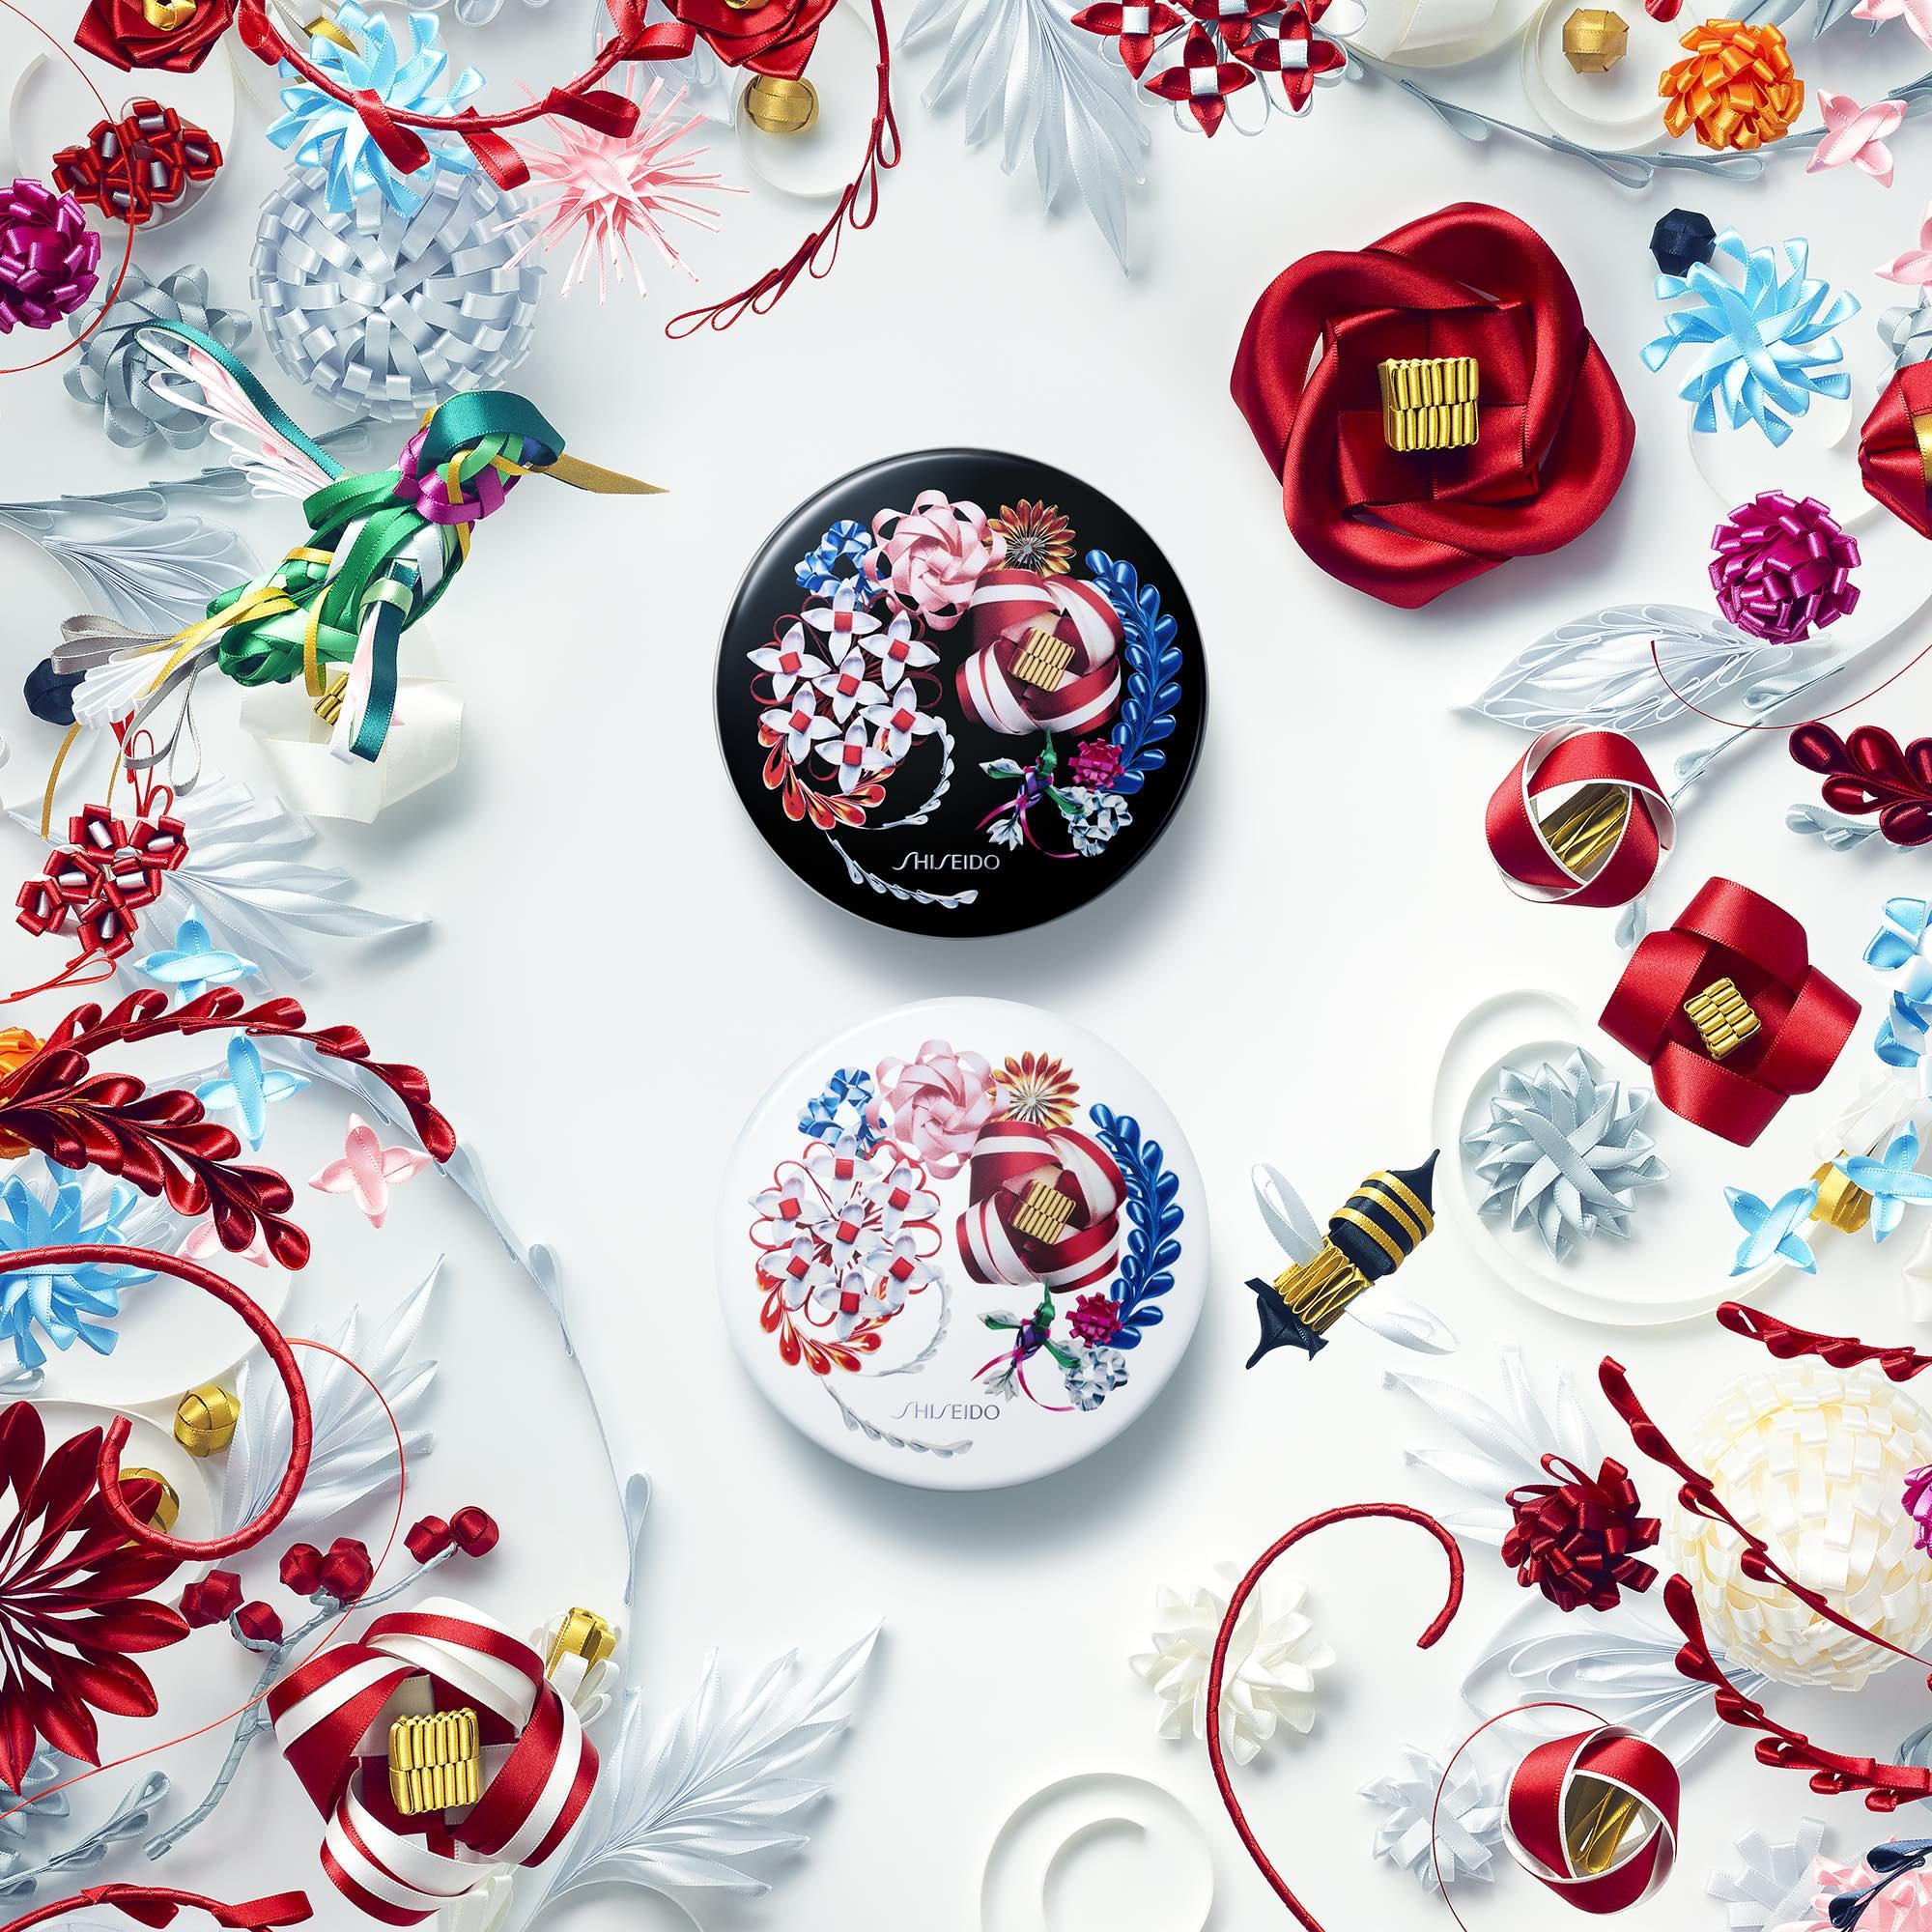 Shiseido ra mắt bộ sưu tập phiên bản giới hạn Ribbonesia 11